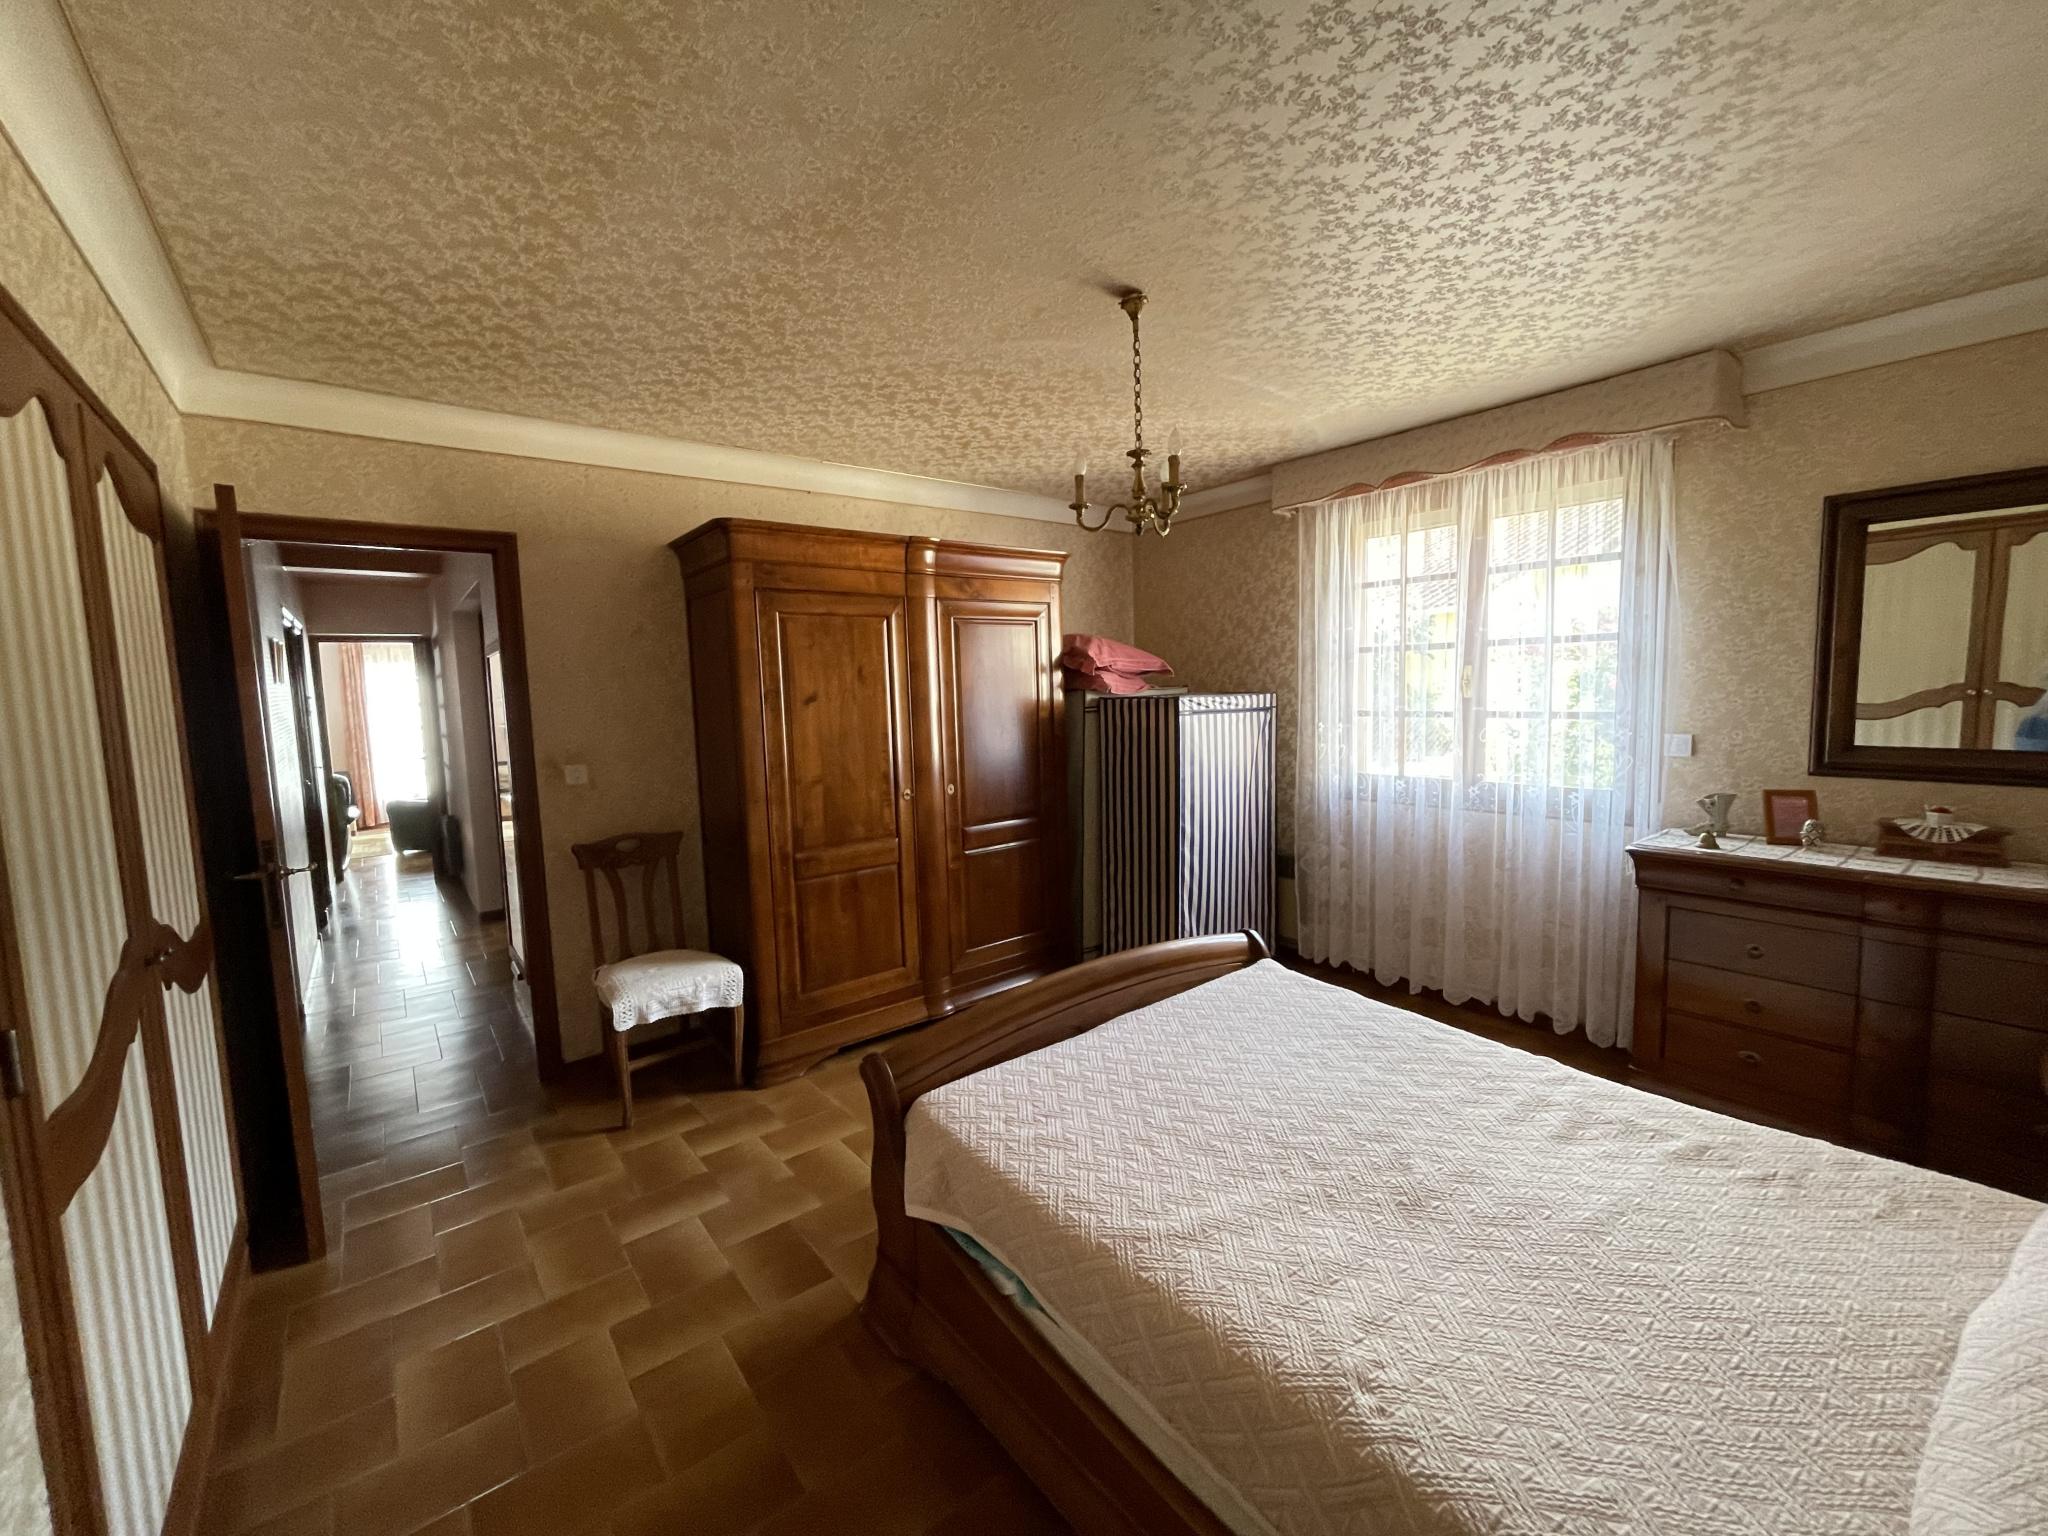 À vendre maison/villa de 170m2 à sorede (66690) - Photo 13'